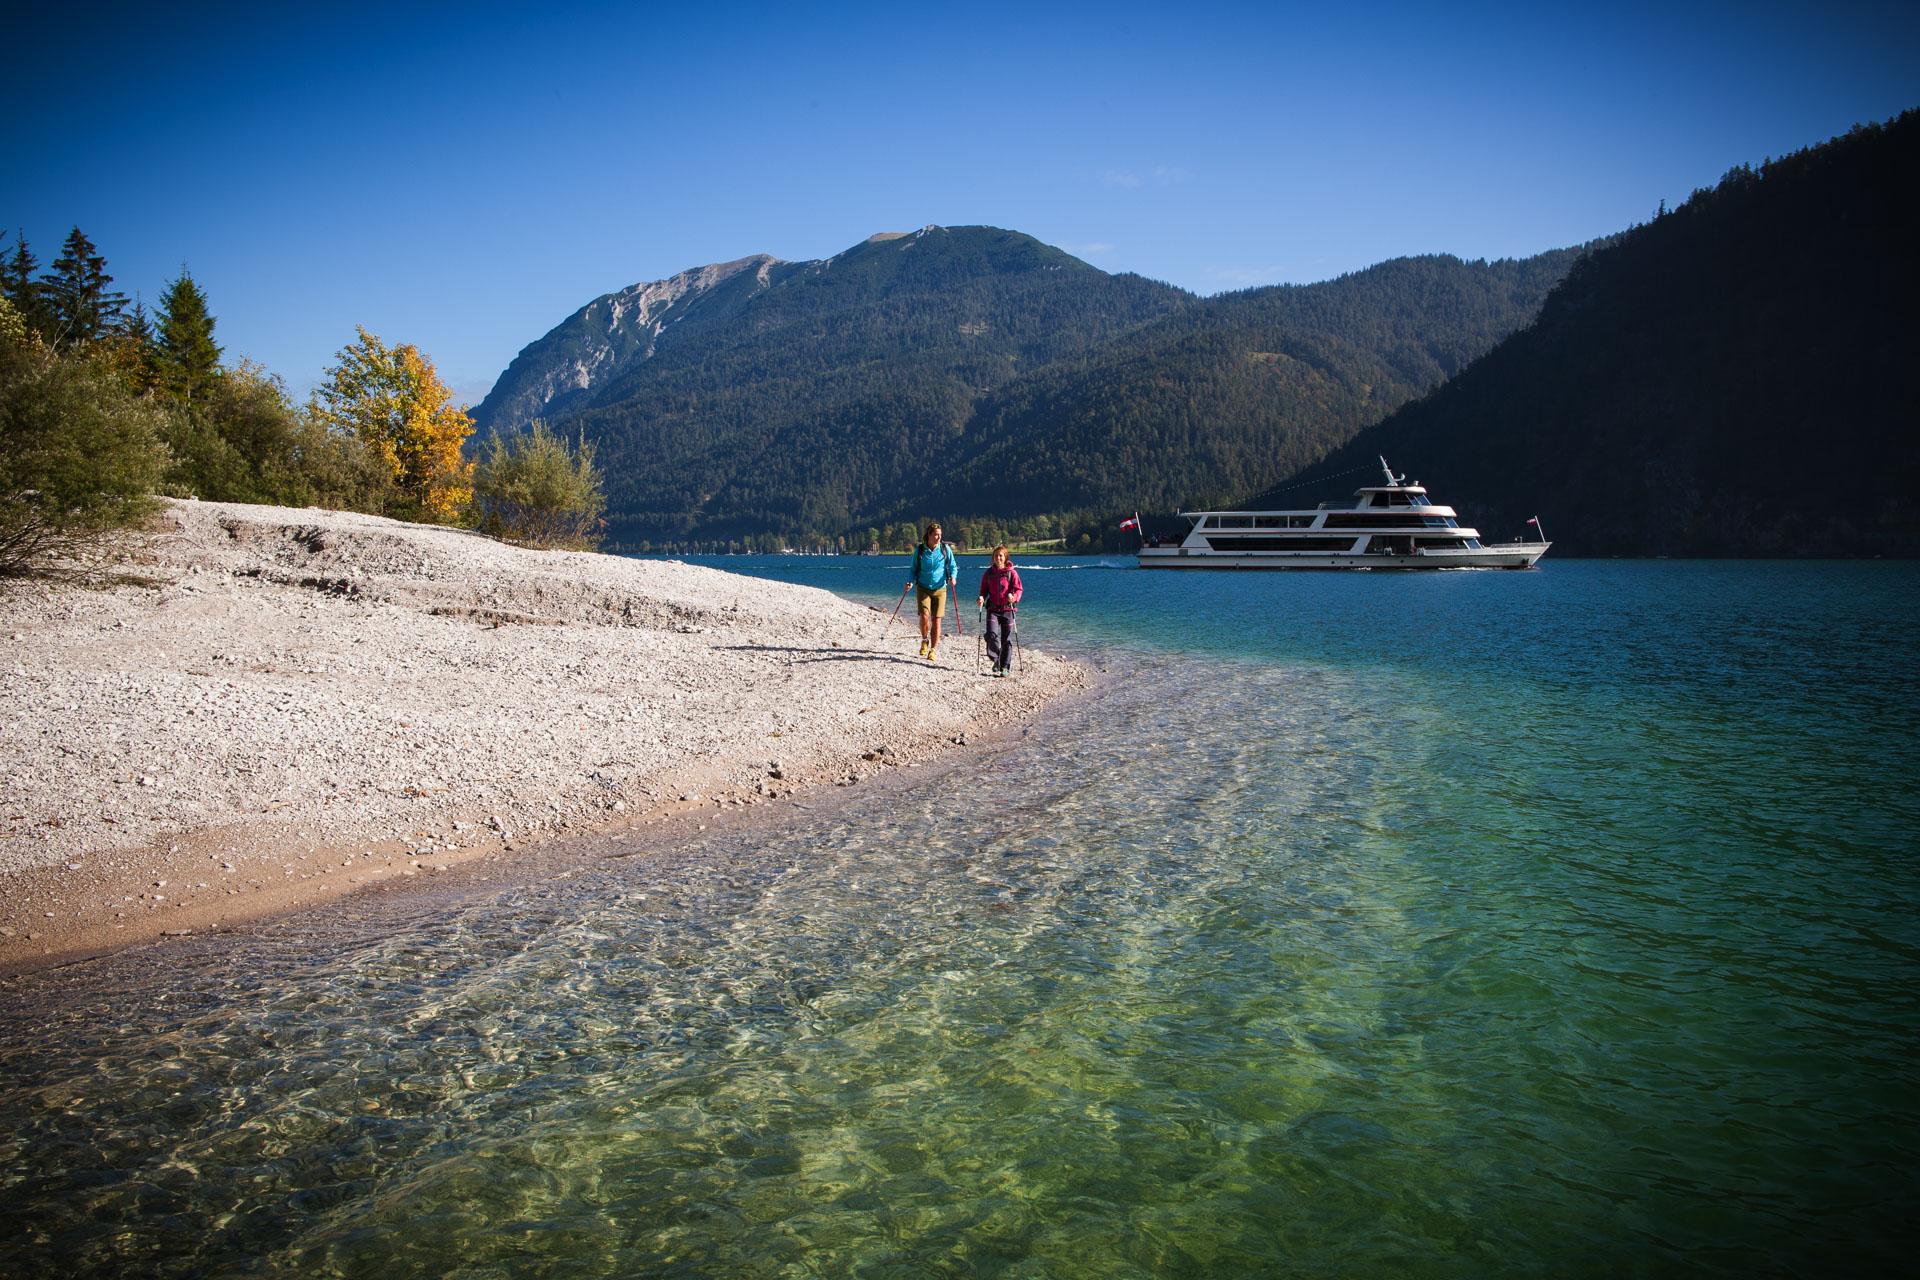 Kritallklares Wasser am Achensee läd auch zum Baden ein